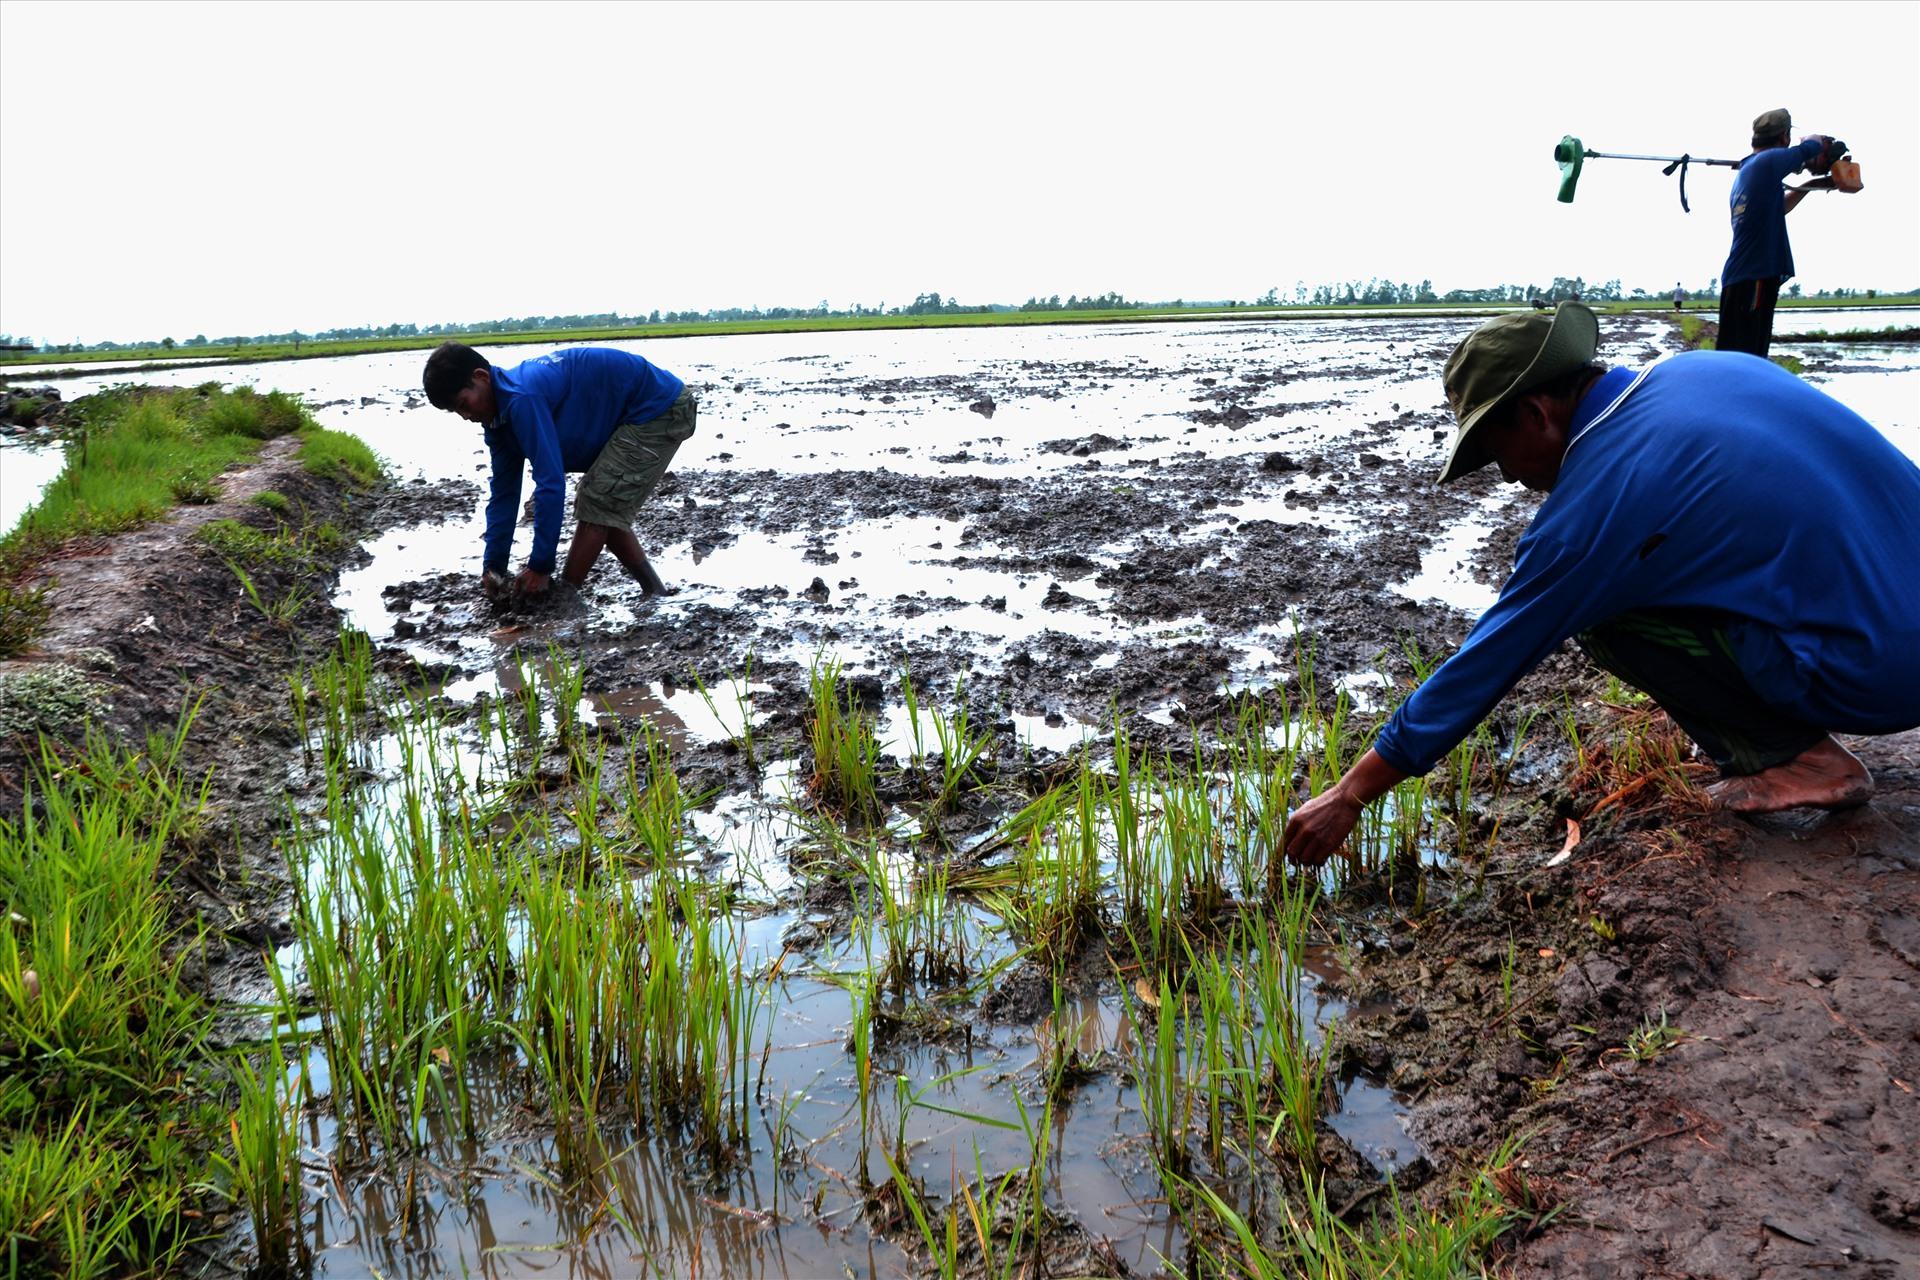 Lúa đầu nguồn sông Cửu Long  chết vì nhiễm mặn